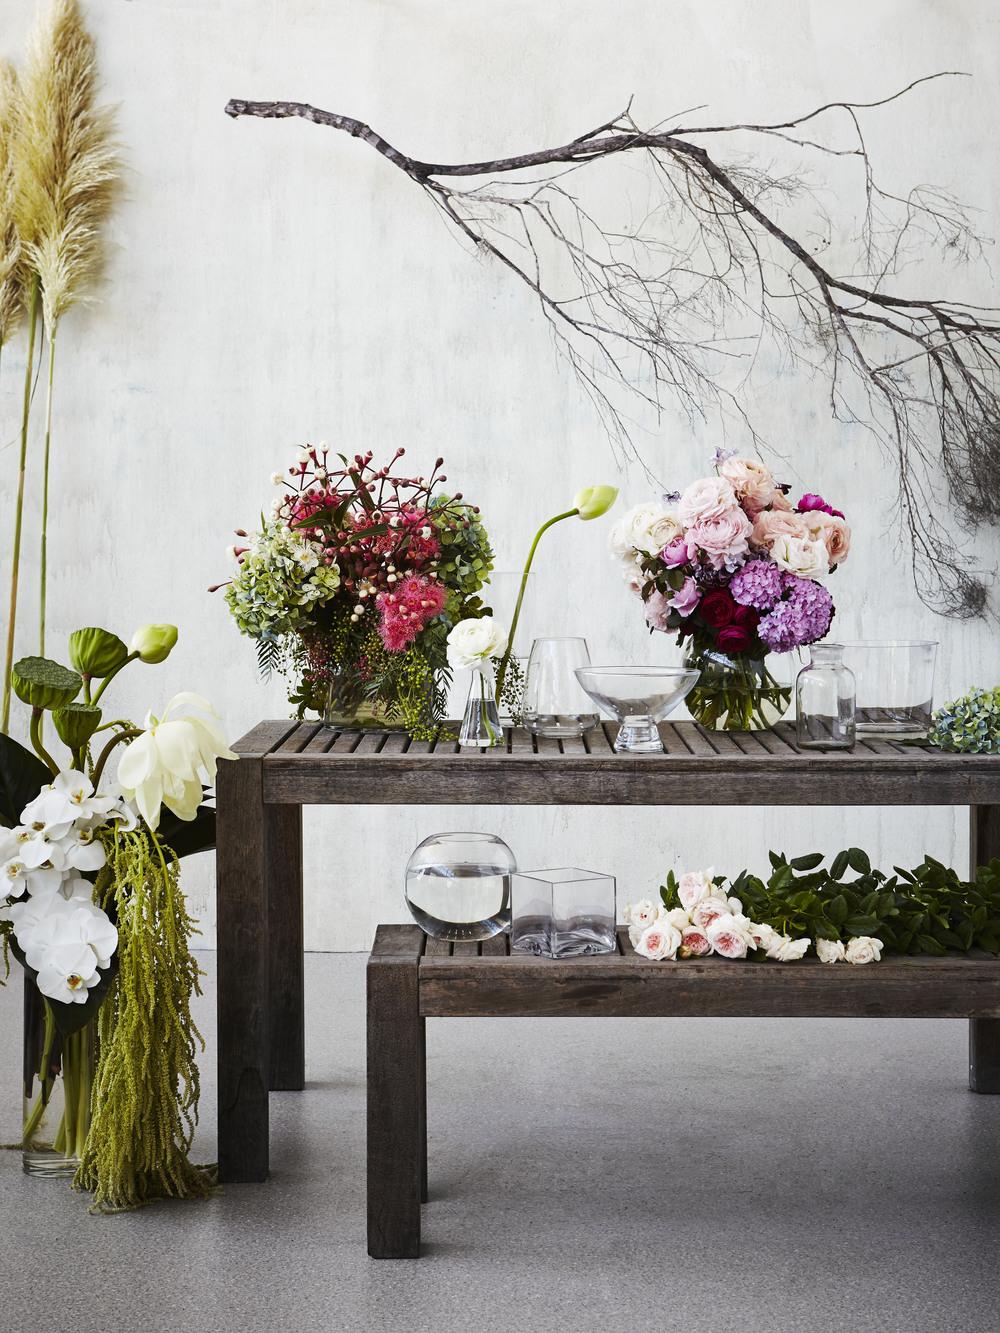 150118_T&W_Grandiflora_Vases_BigLead_JB_NH.jpg